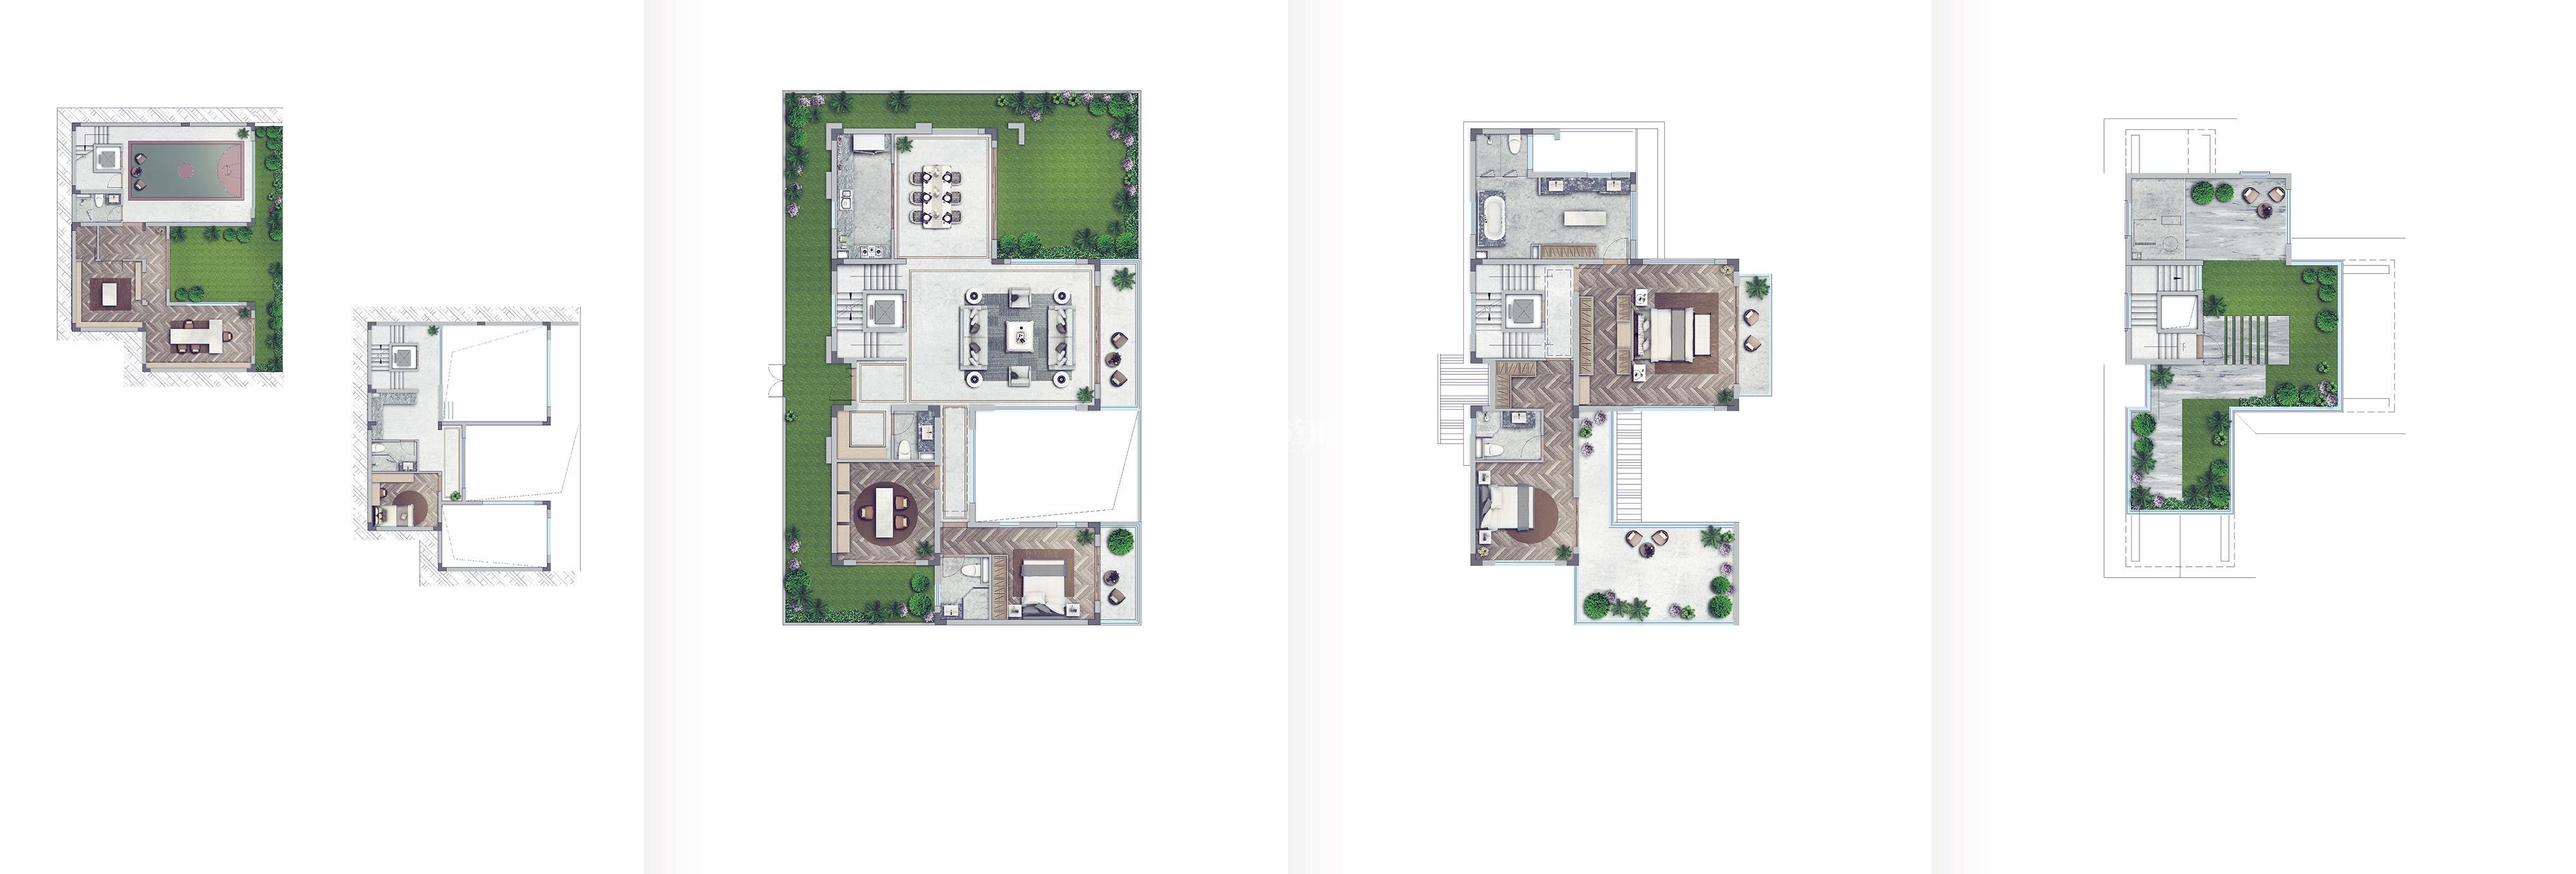 世茂国风大境211方(夹层地下室)合院户型图